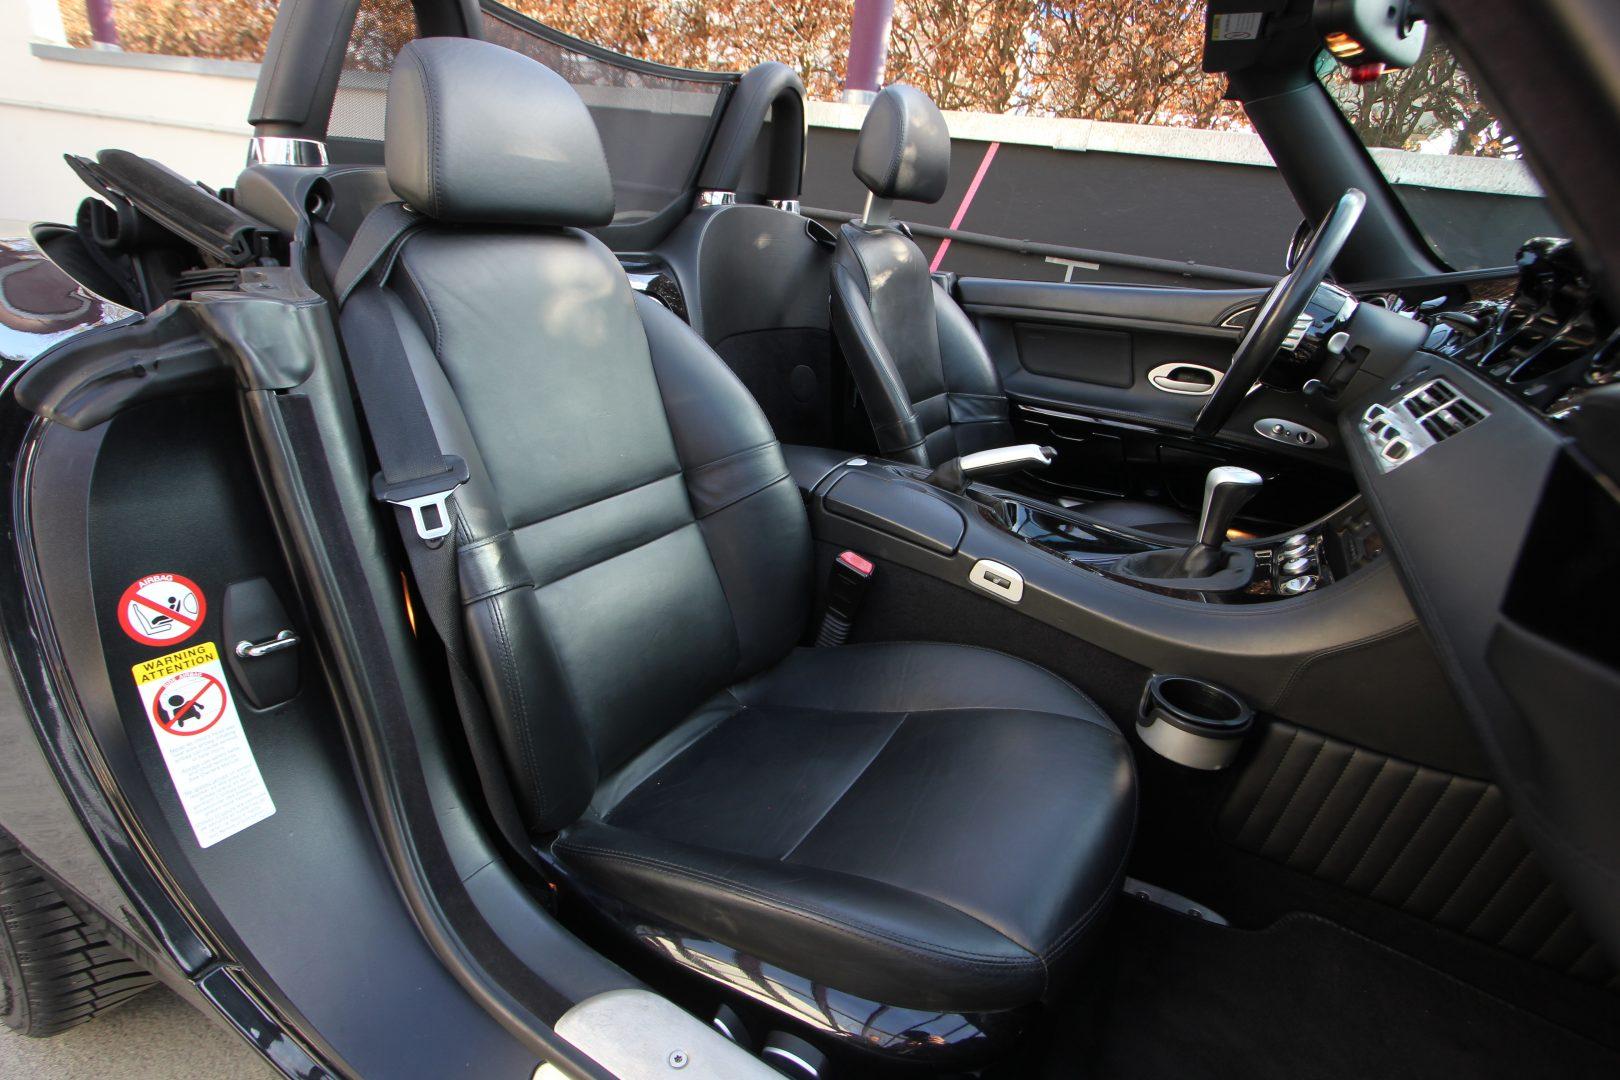 AIL BMW Z8 Performance Paket 5.0 V8 16